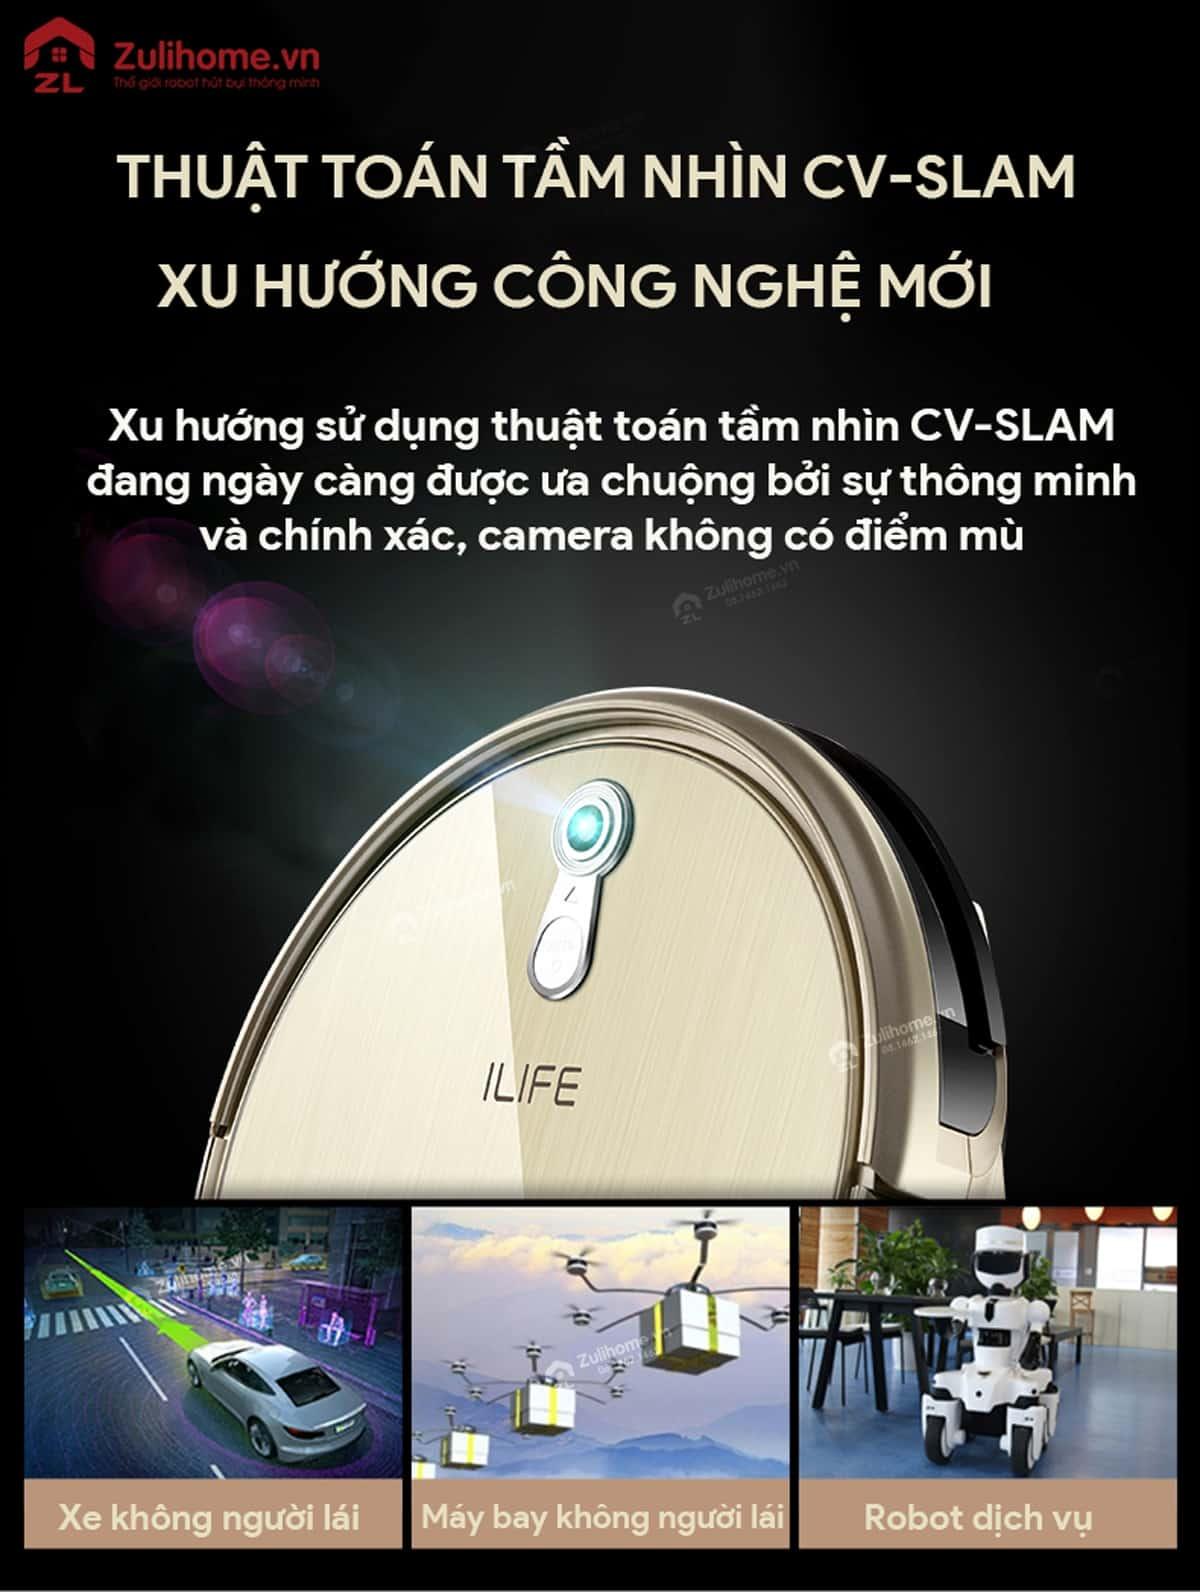 ILIFE X661 | Thuật toán tầm nhìn CV SLAM